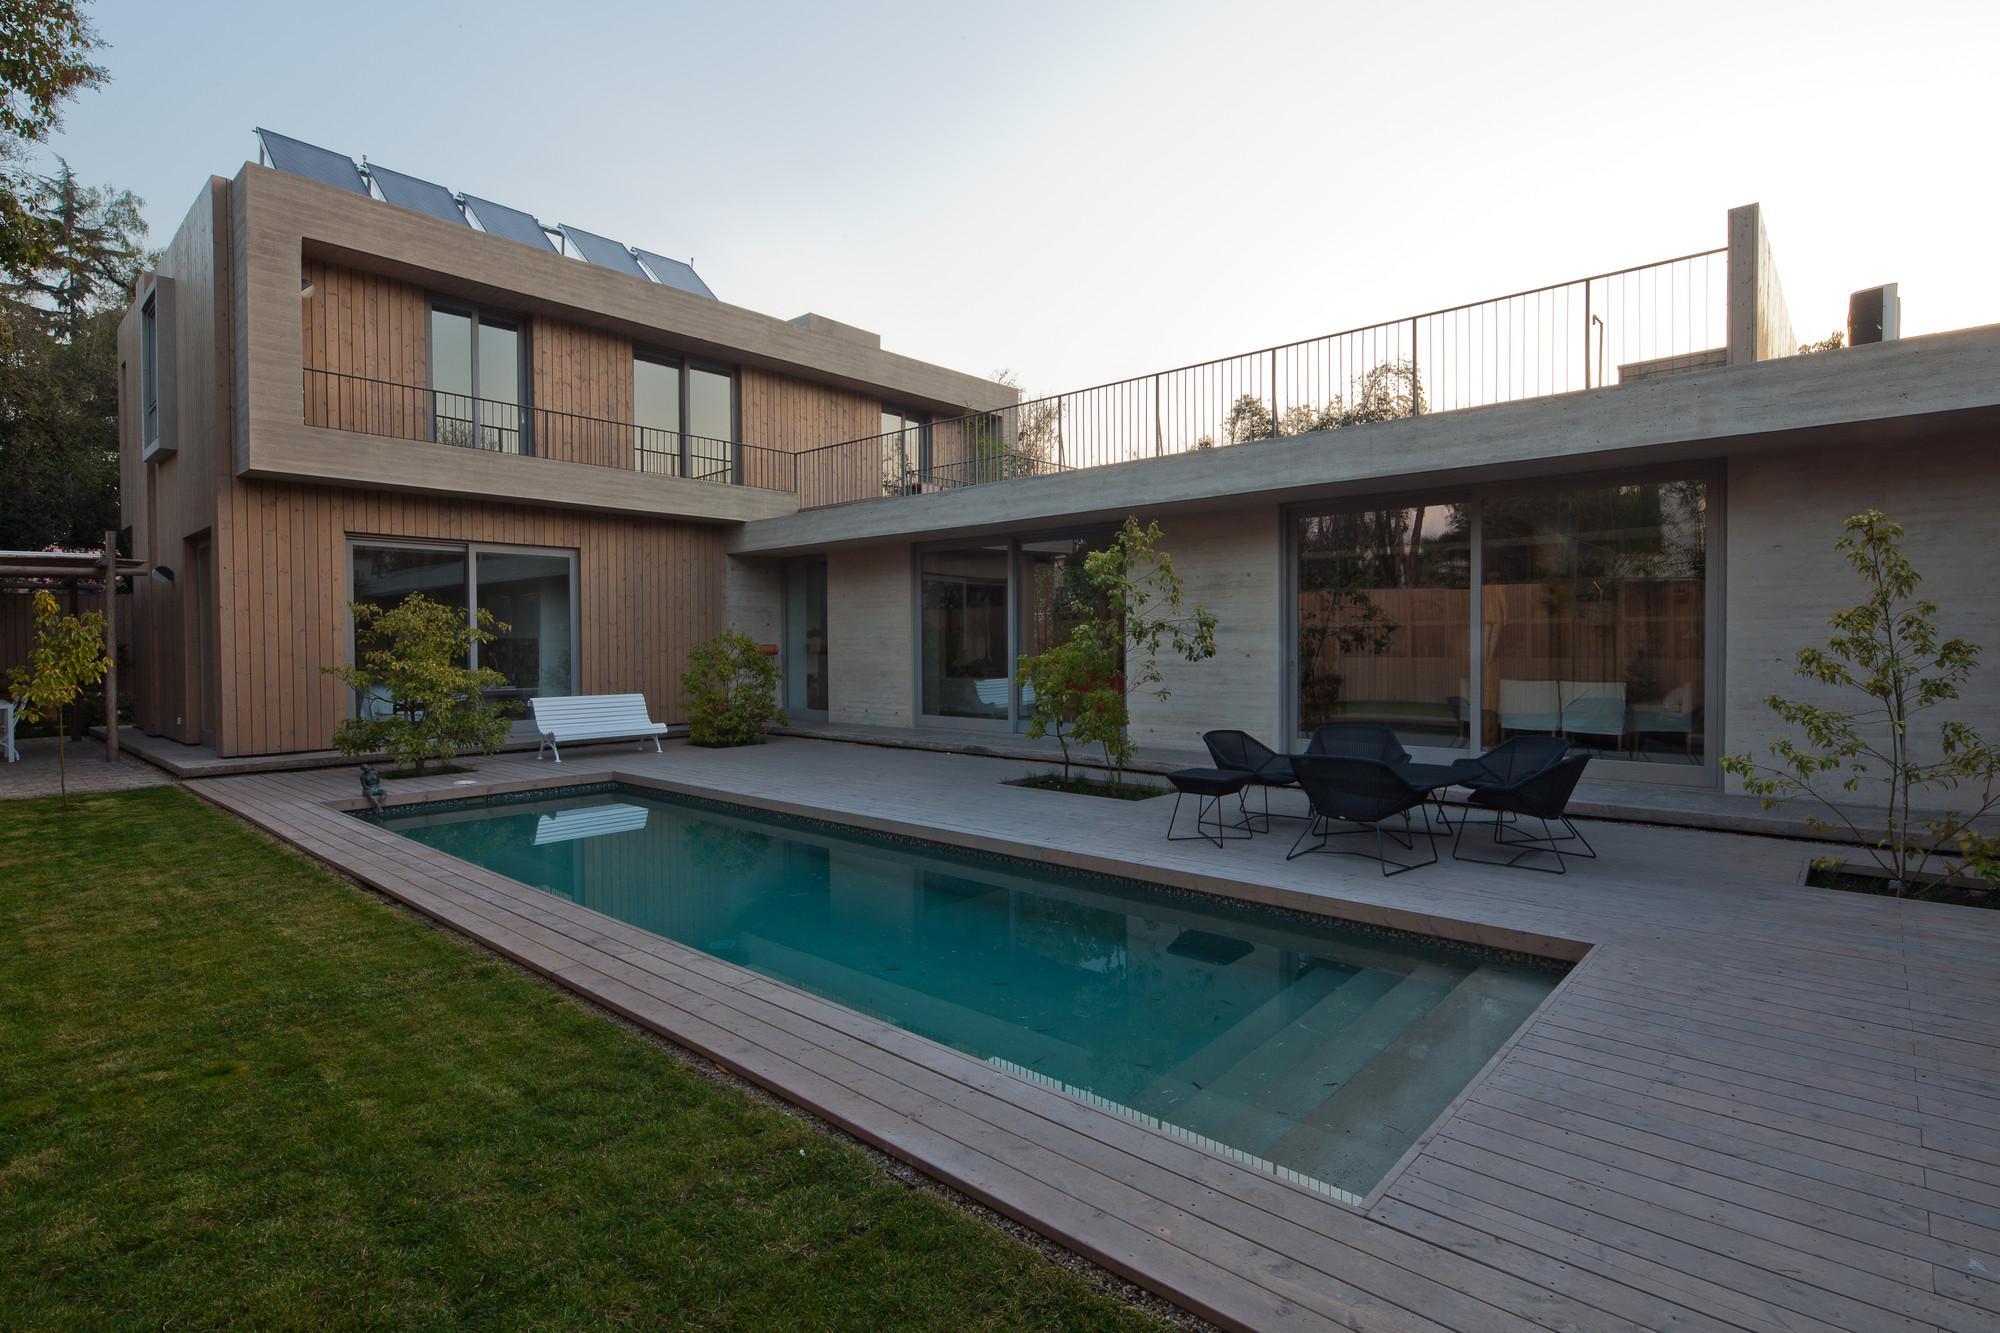 Casa AU / Andreu Arquitectos, © Juan Eduardo Sepúlveda G.